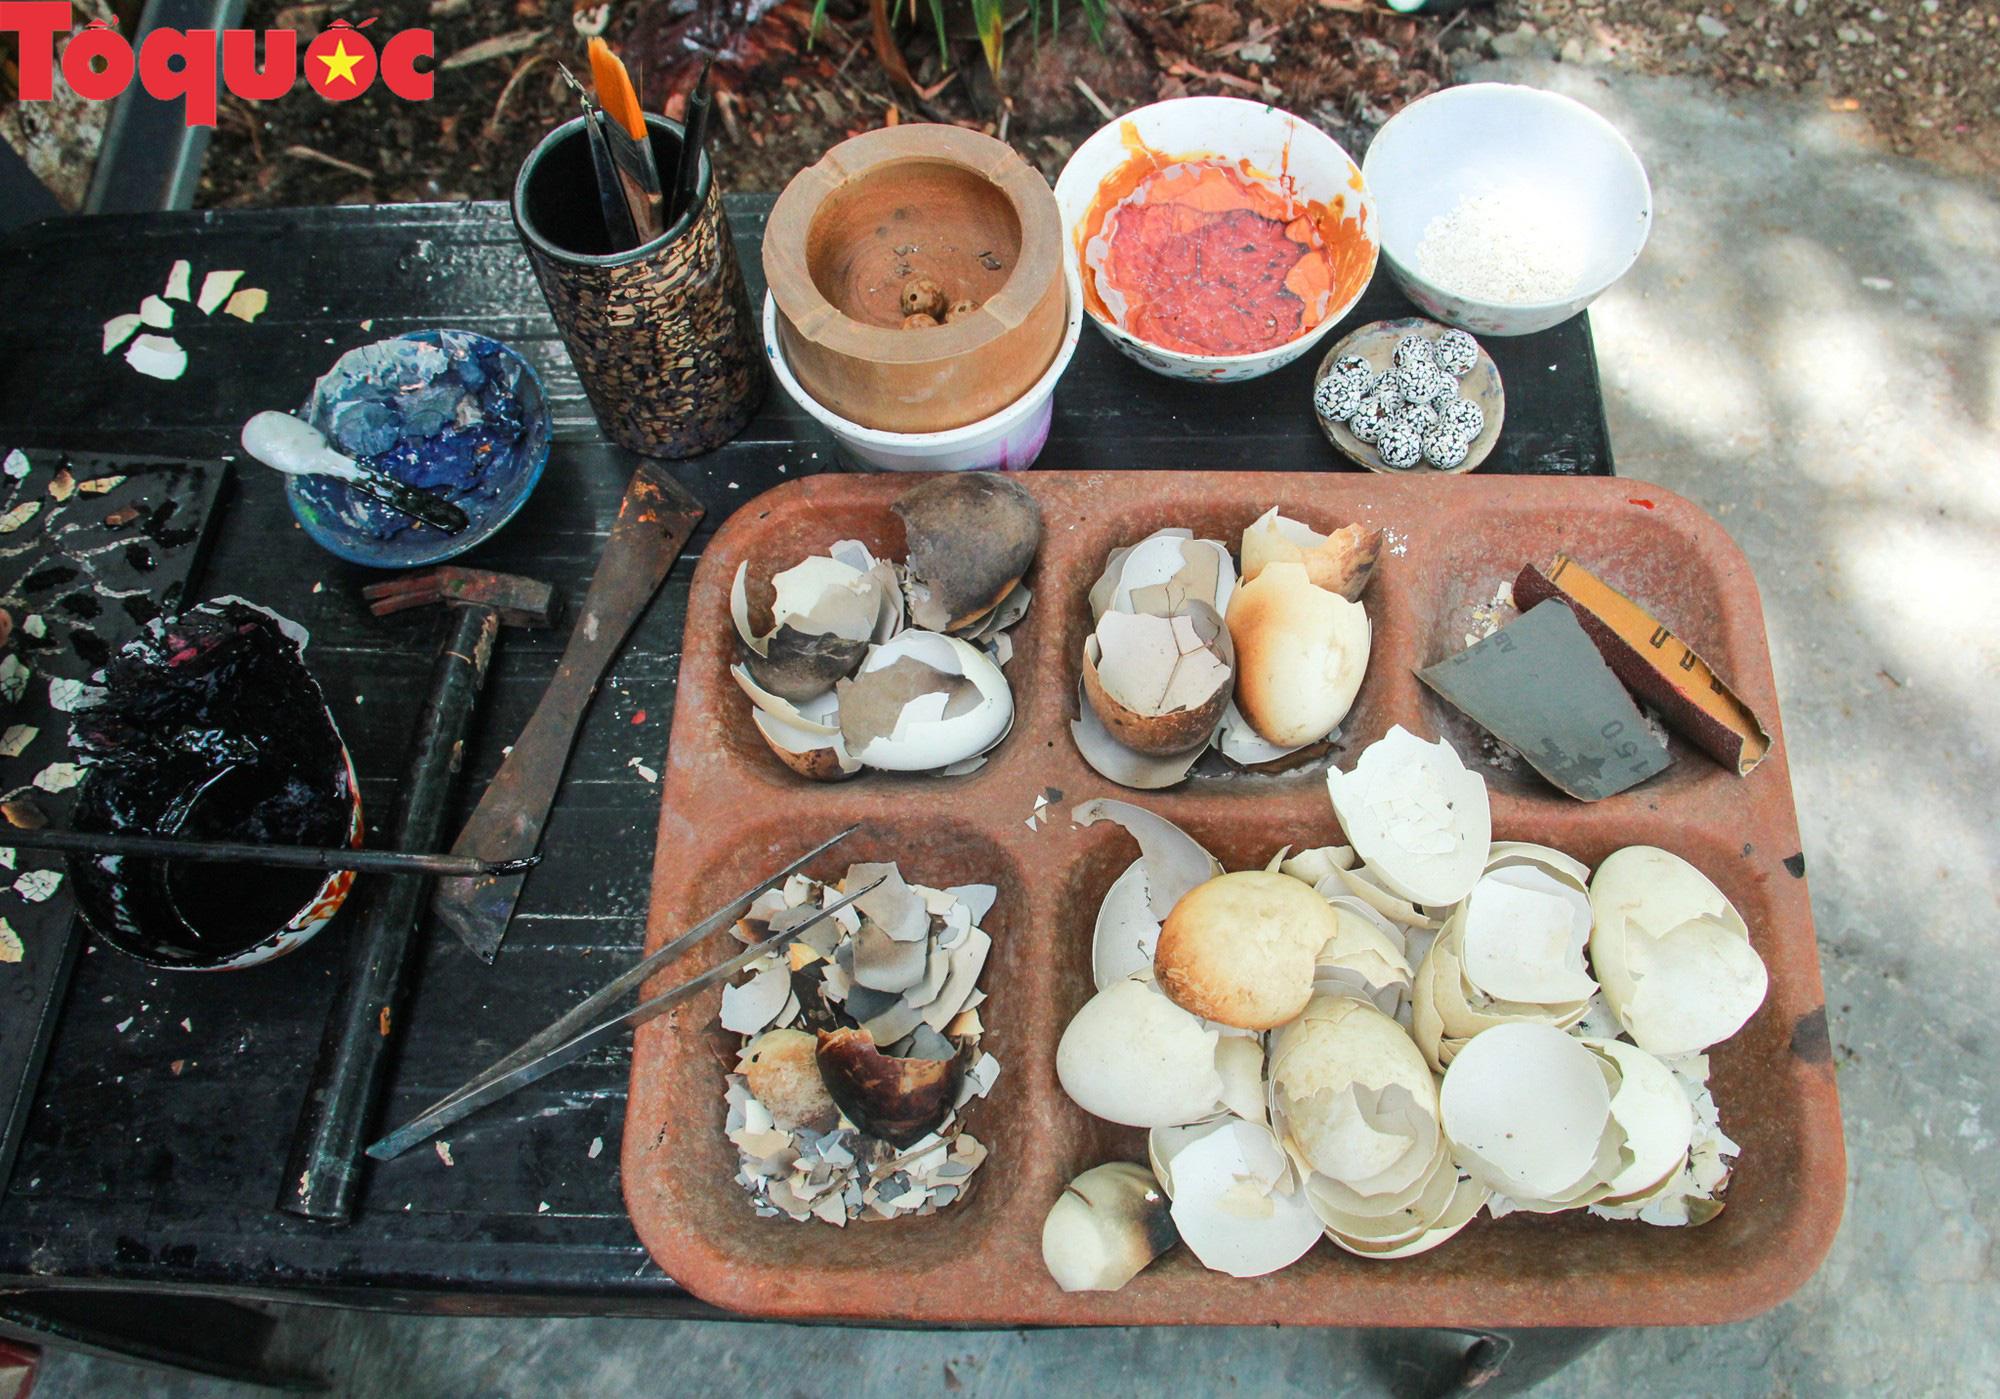 Khách Tây mê mẩn đồ dùng Việt được thổi hồn từ vỏ trứng - Ảnh 3.